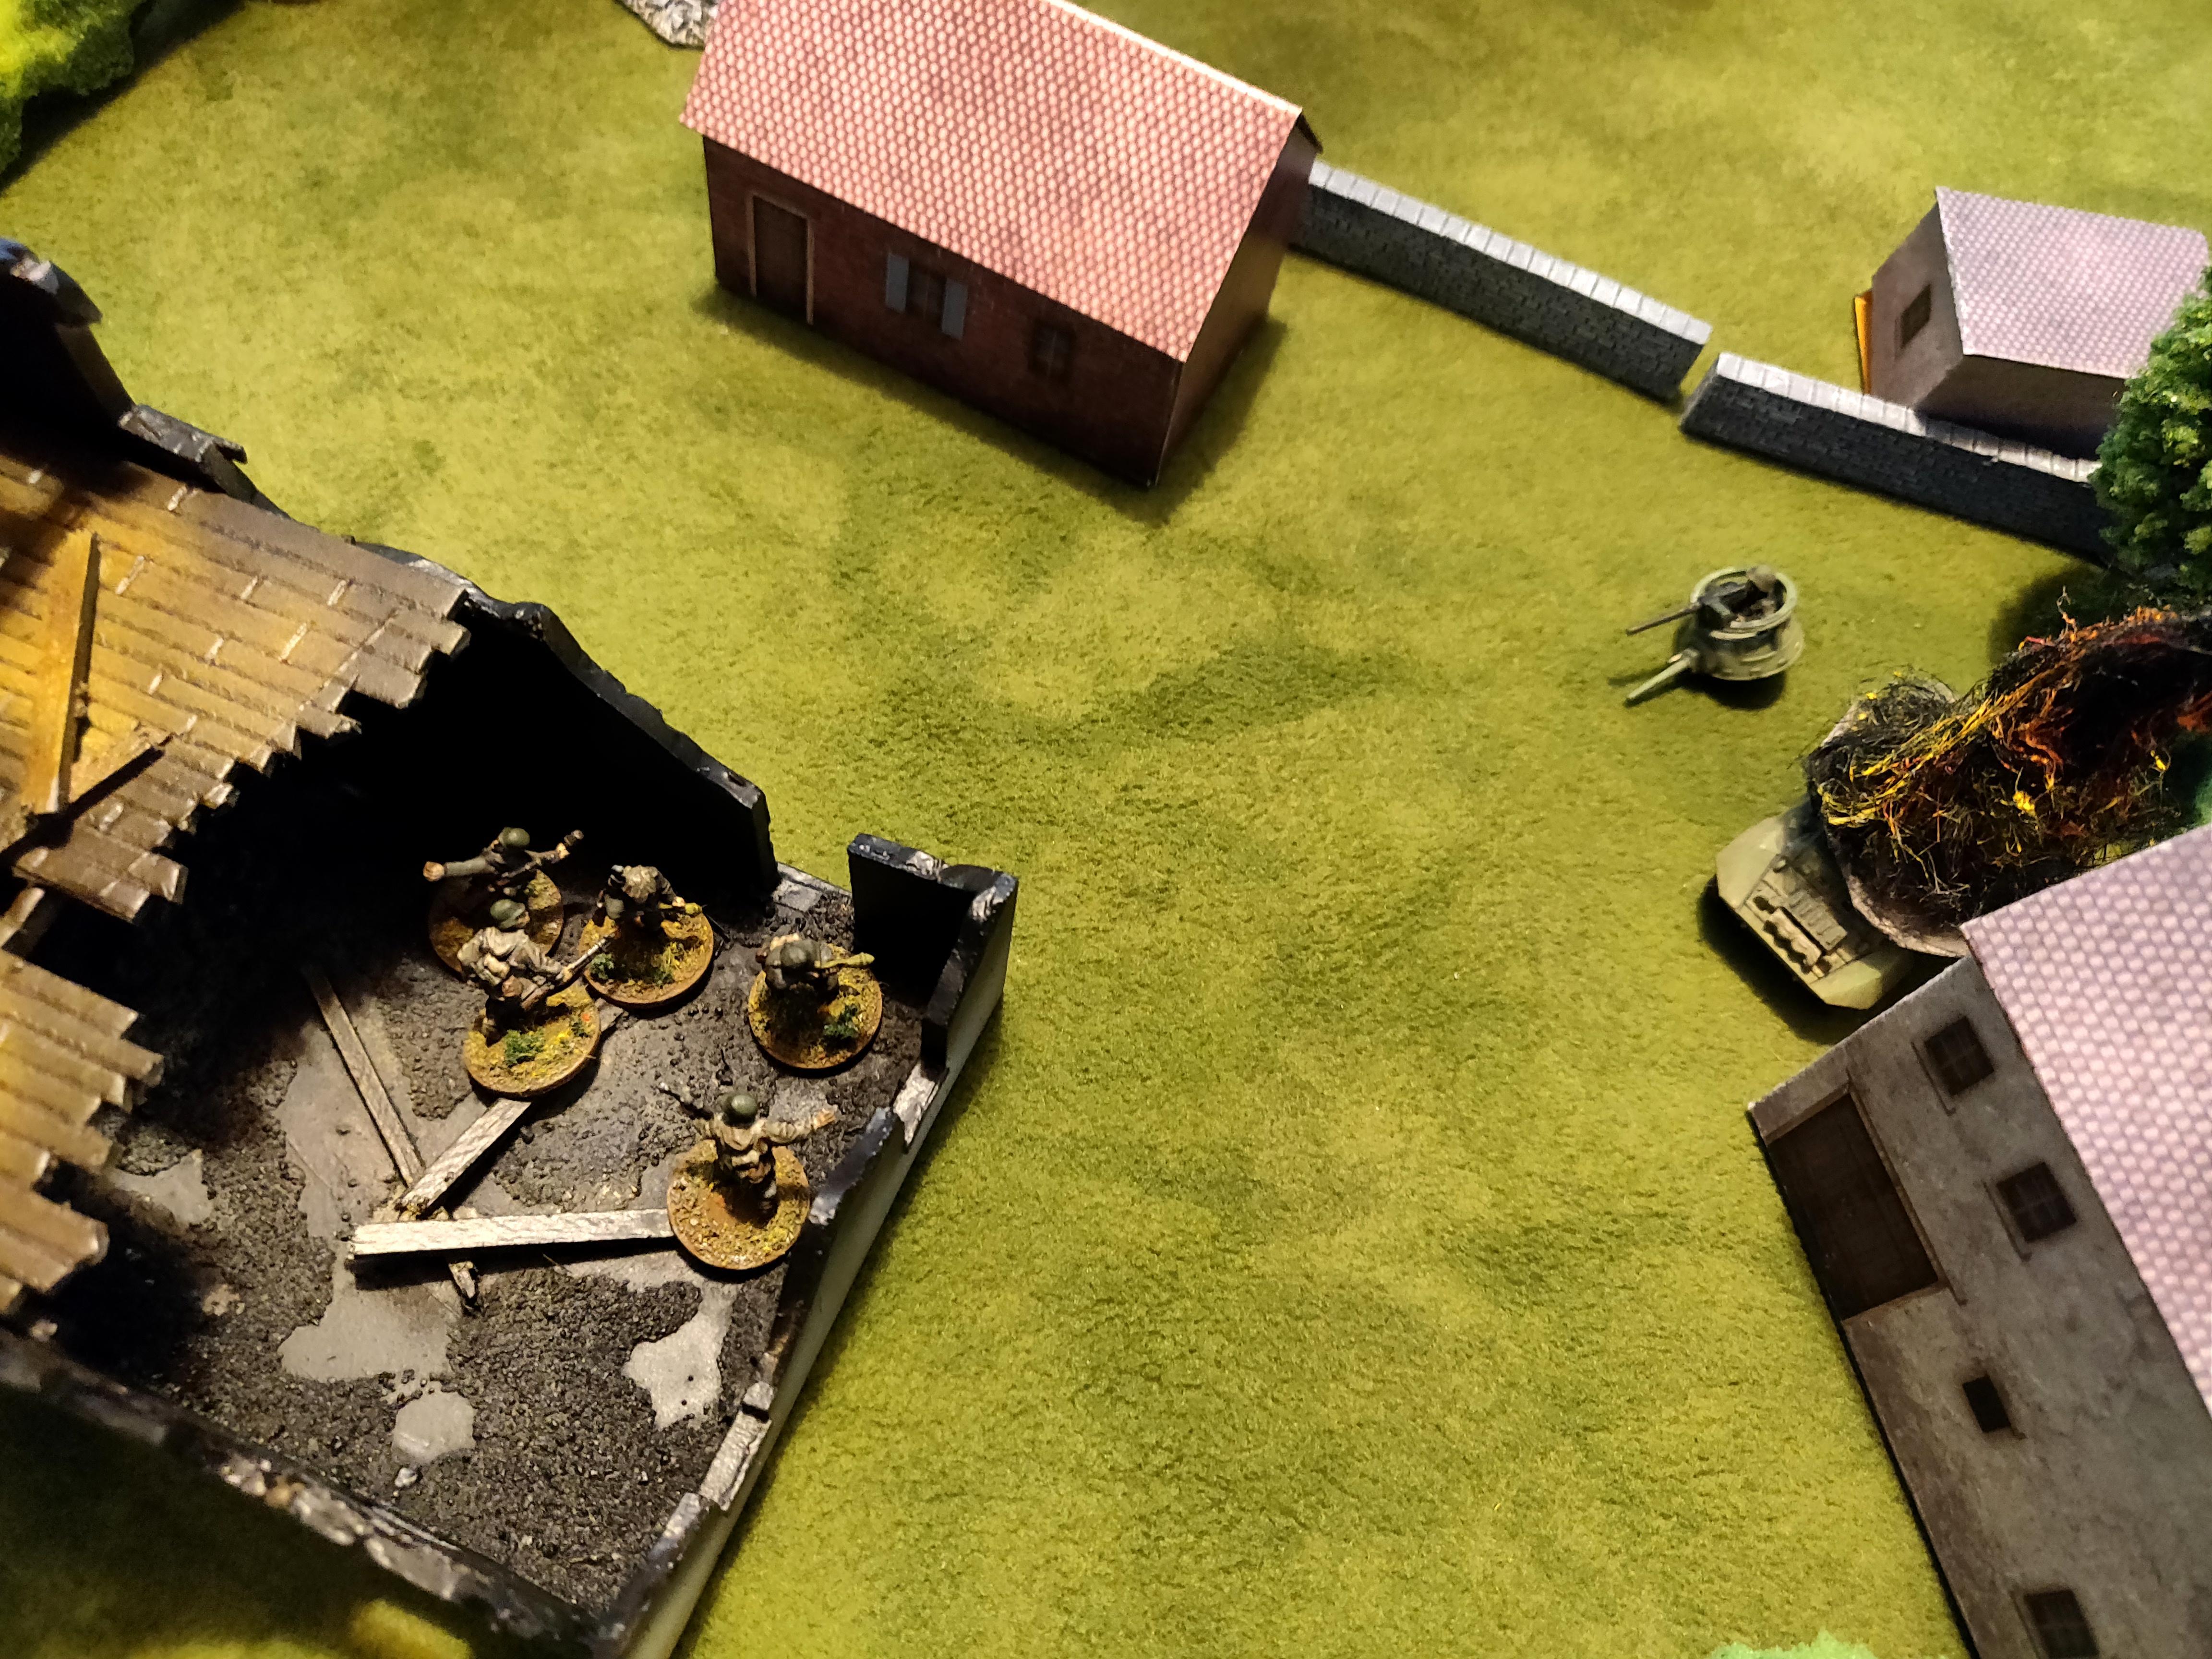 Battlegroup, Bolt Action, Flames Of War, Germans, Grenadier, Normandie, Normandy, Panzer, Panzer Division, Panzer Grenadier, Wehrmacht, World War 2